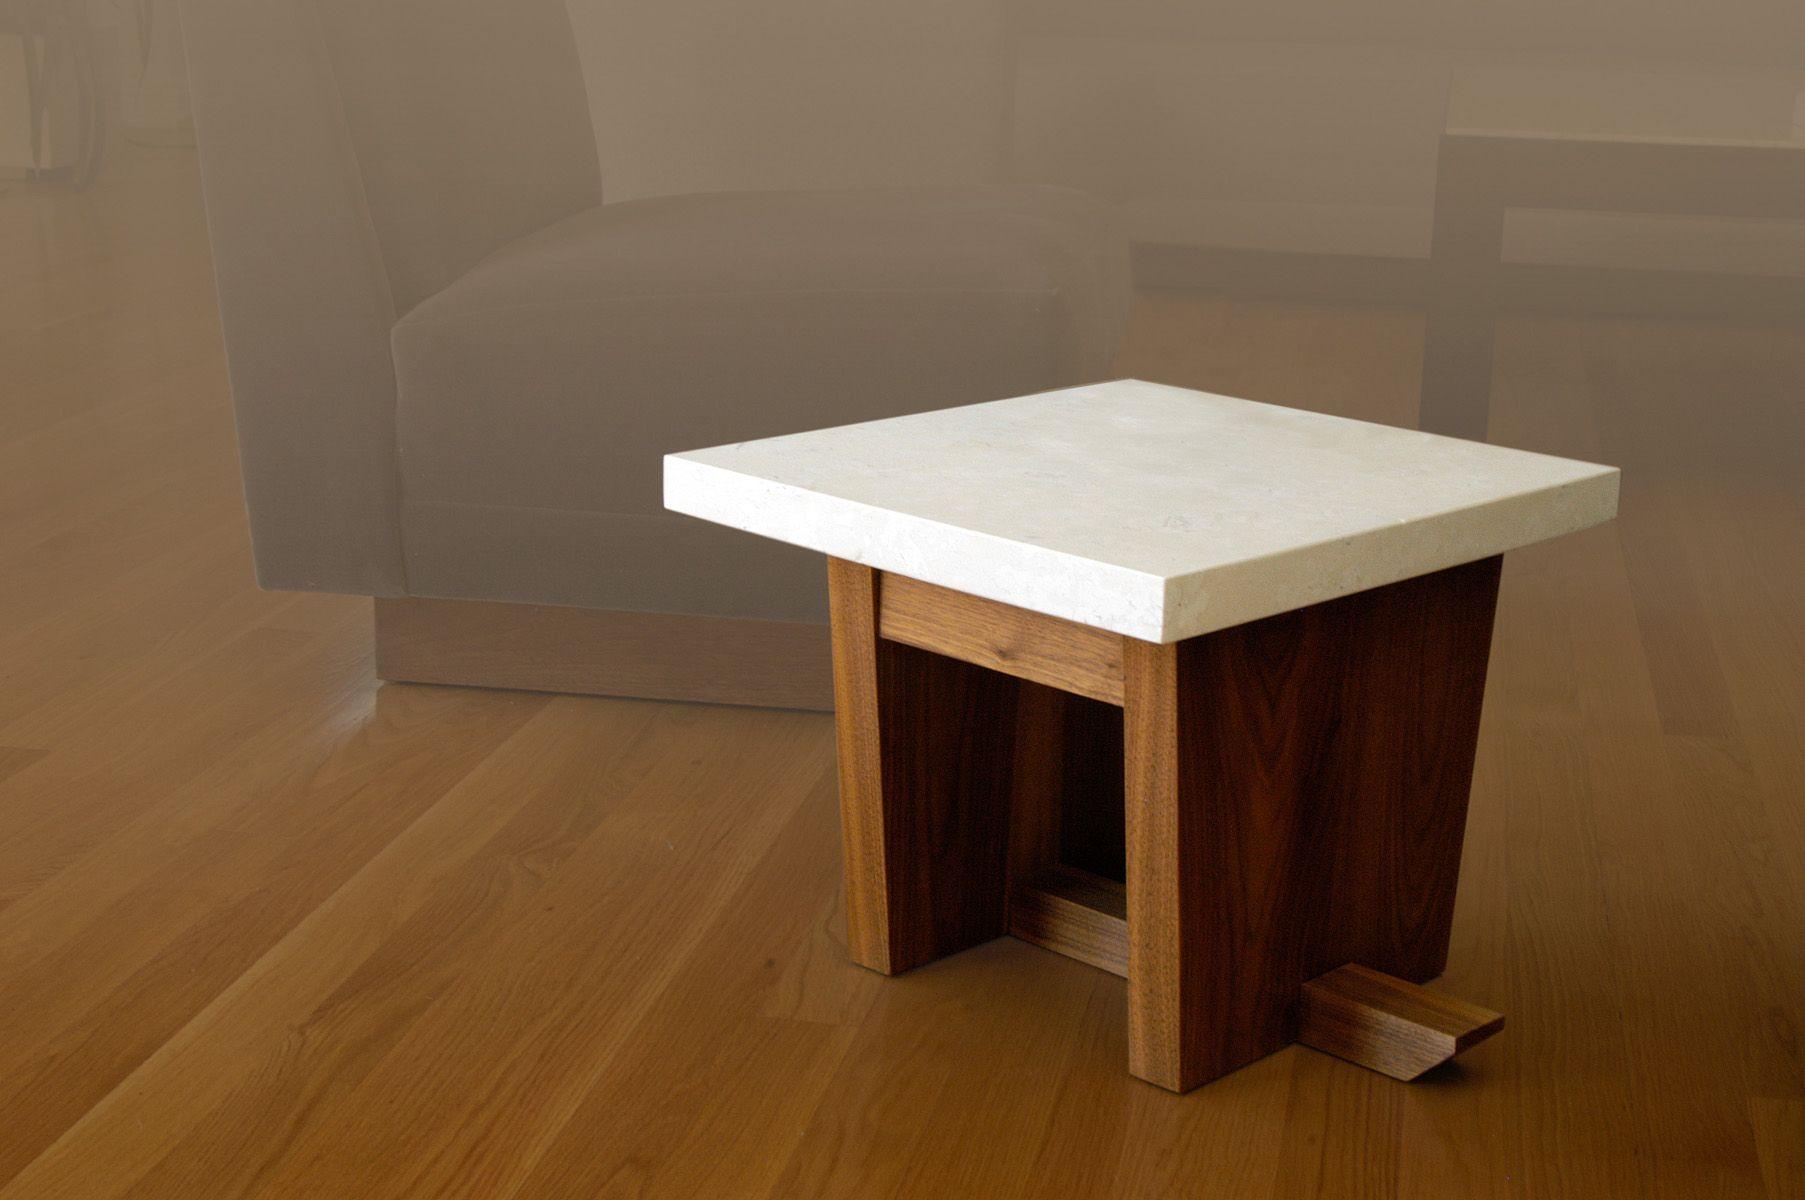 Grace Concrete End Table By Seventh & 7Th Designs